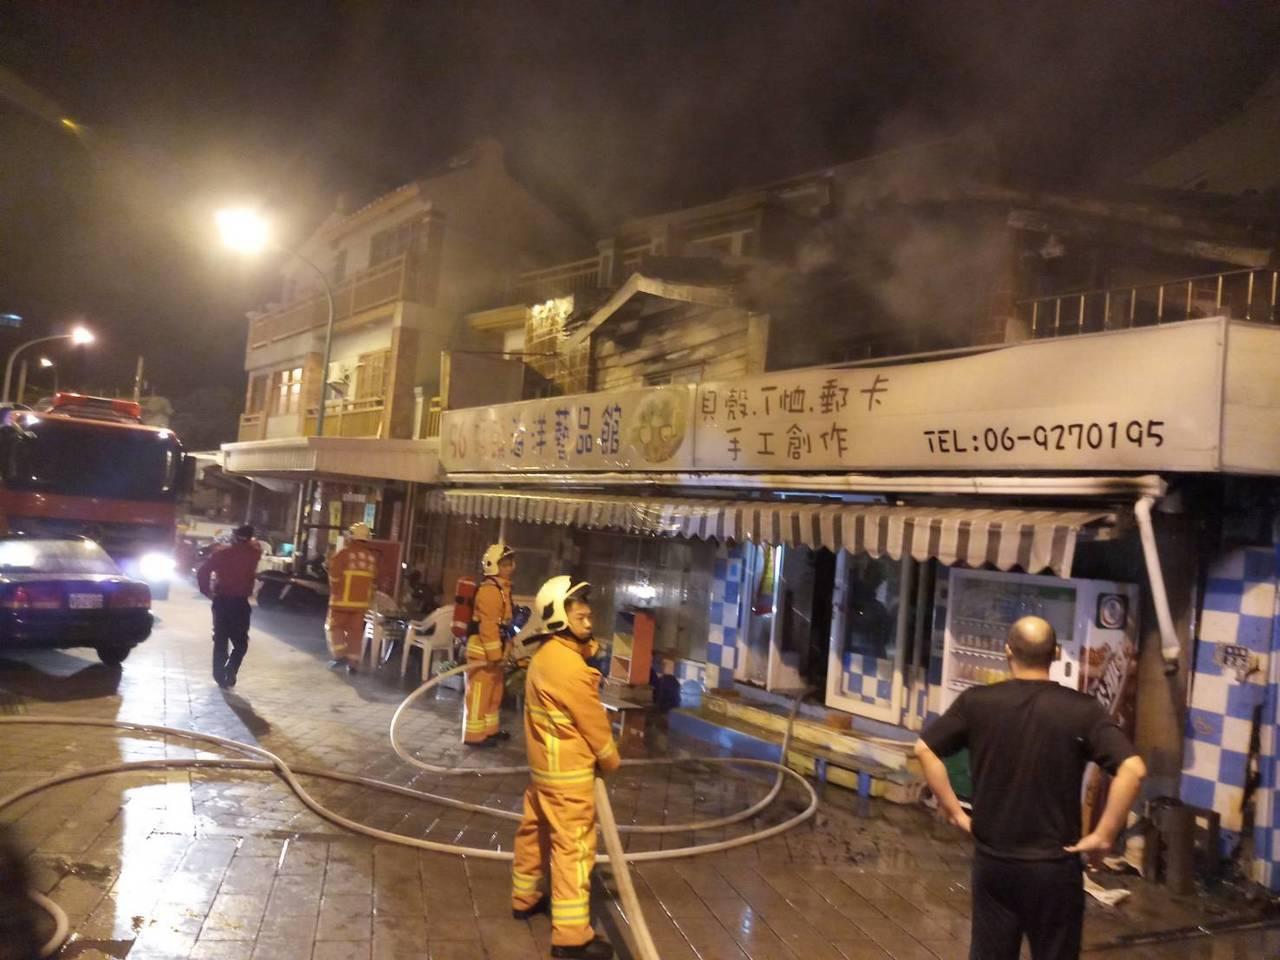 澎湖馬公市惠安路28號店家火警,濃煙從二樓竄出。圖/澎湖縣消防局提供